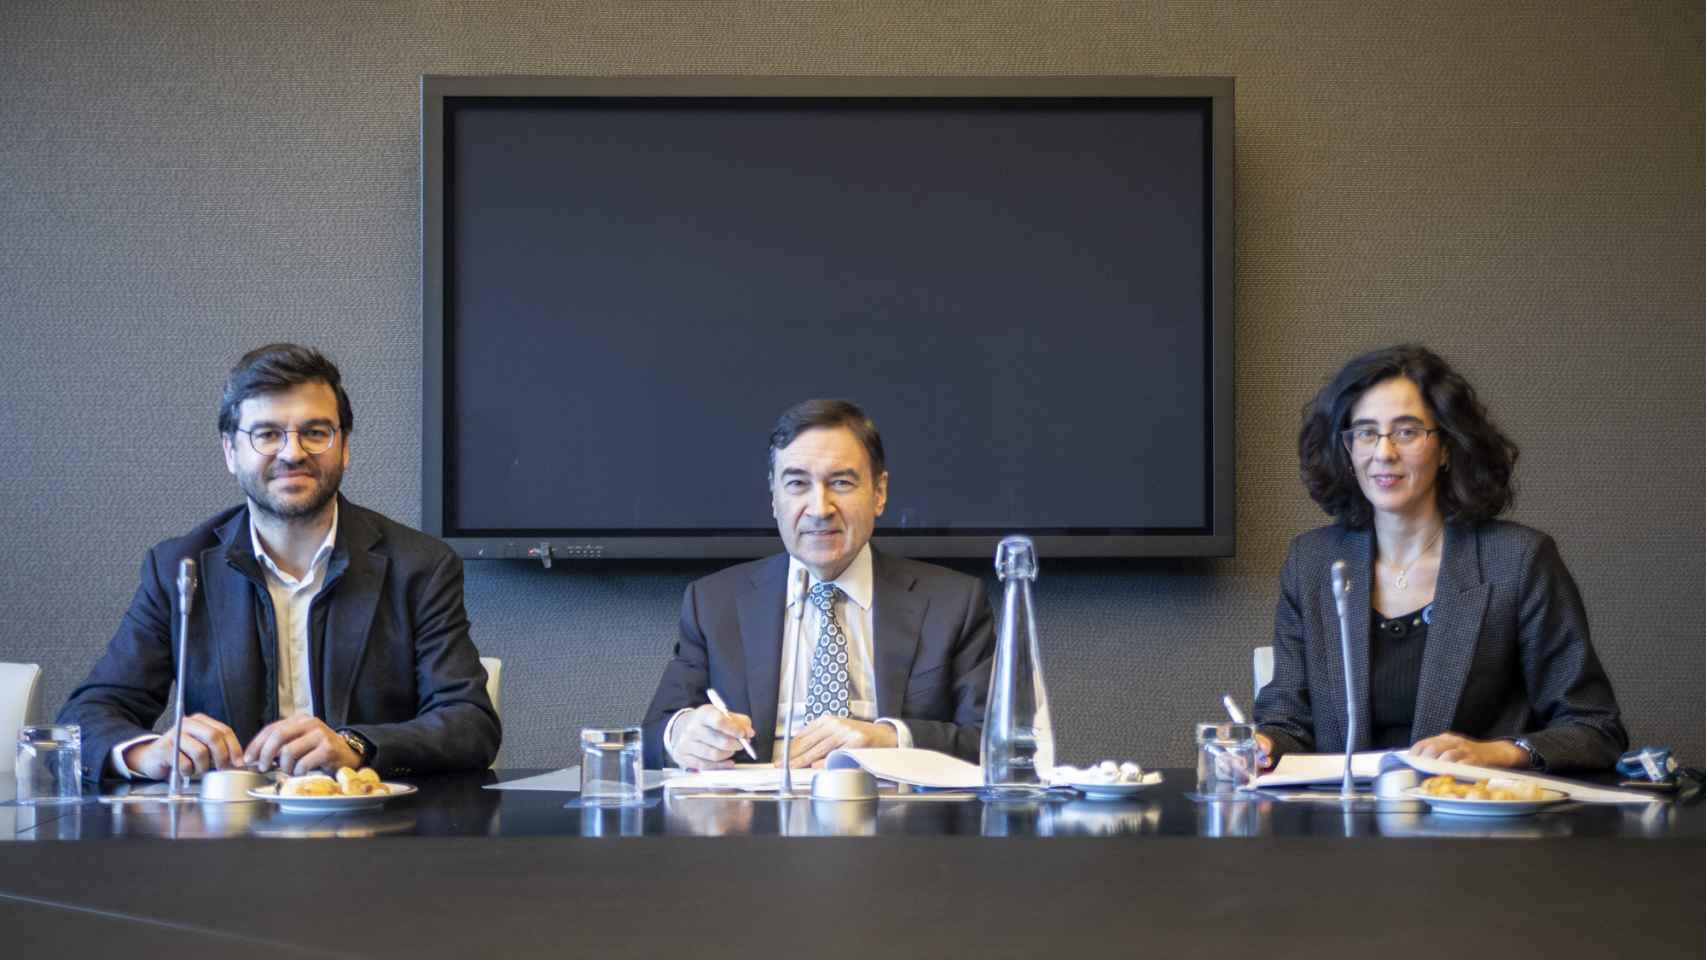 Gonzalo Martín-Vlla, CIO de Telefónica Digital, Pedro J. Ramírez, presidente ejecutivo de EL ESPAÑOL y Cristina Fernández, directora legal M&A, finanzas y mercantil de Telefónica, S.A.